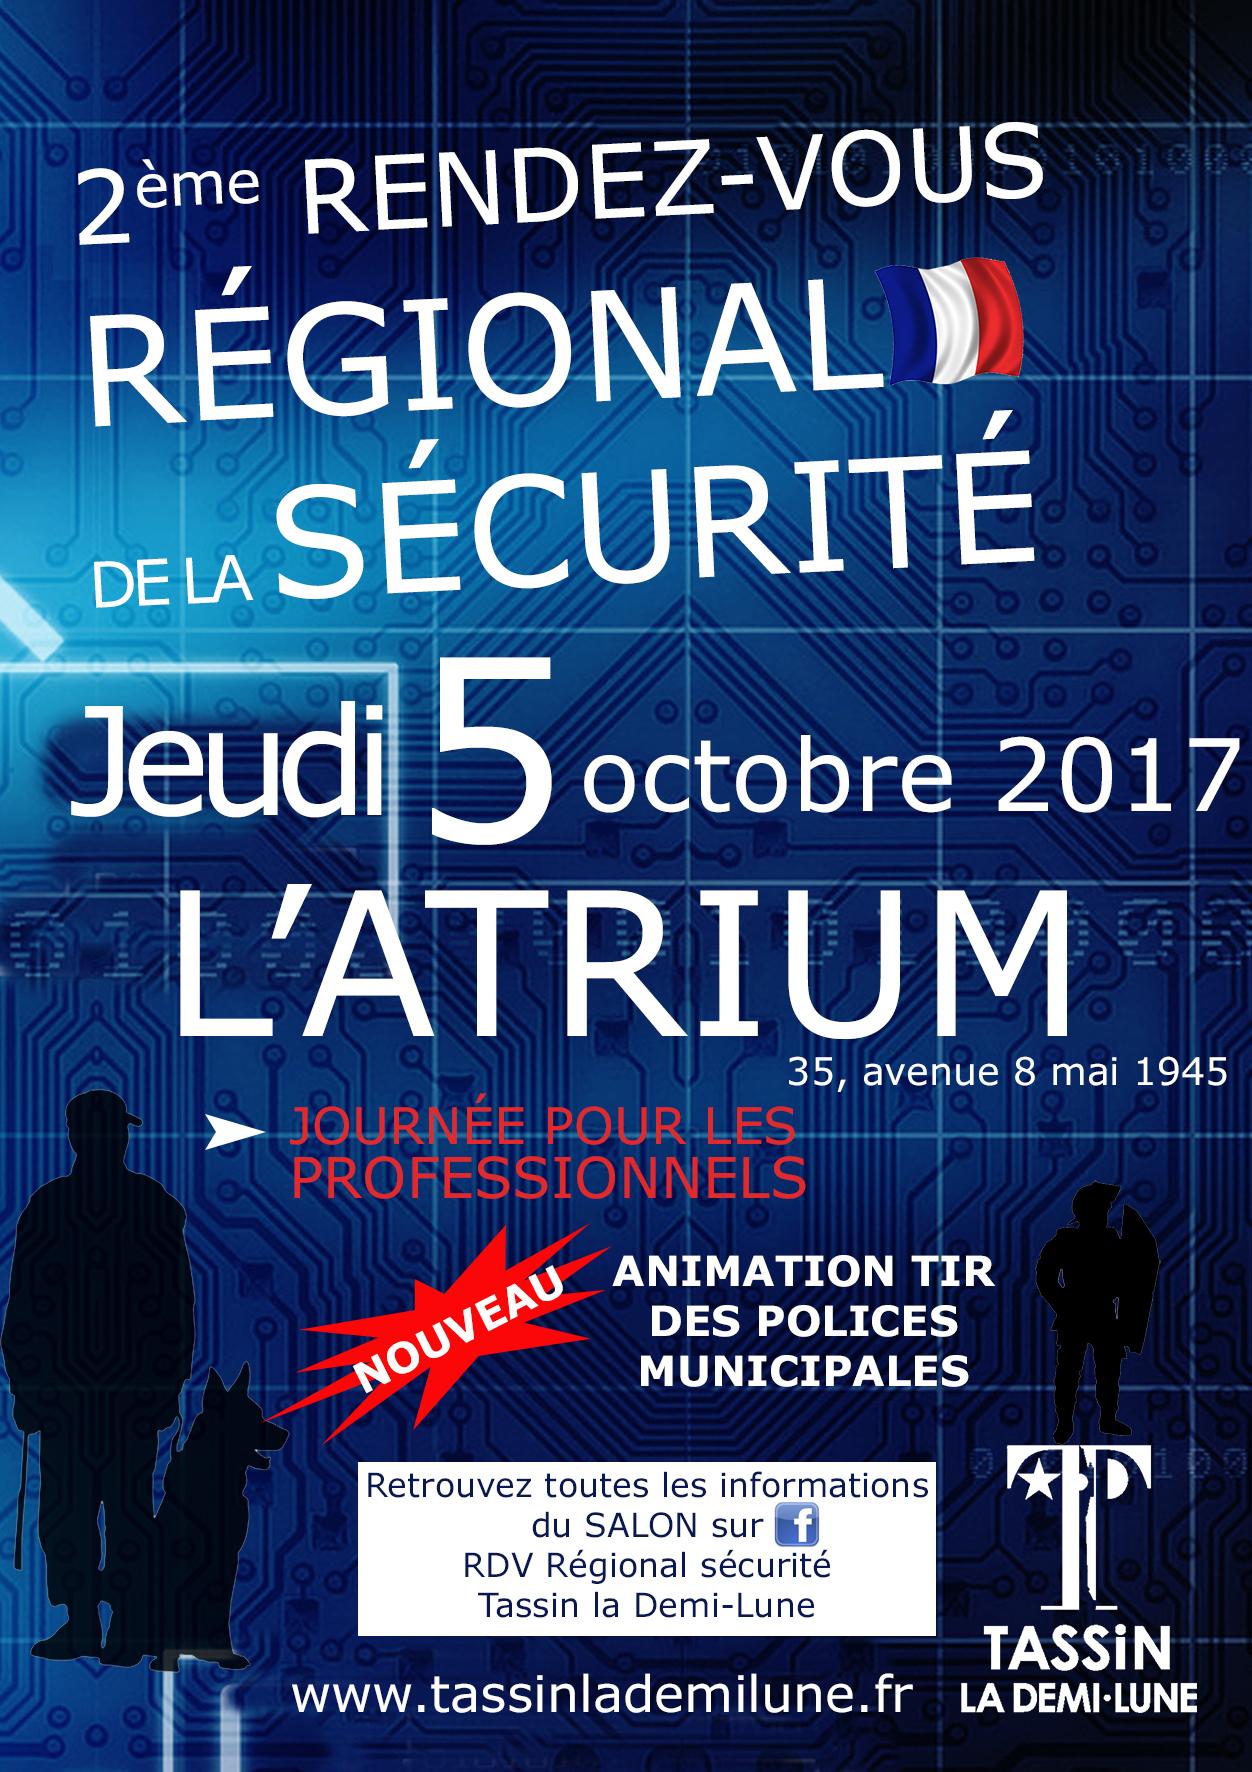 Salon TASSIN 2017 - Régionales de la sécurité